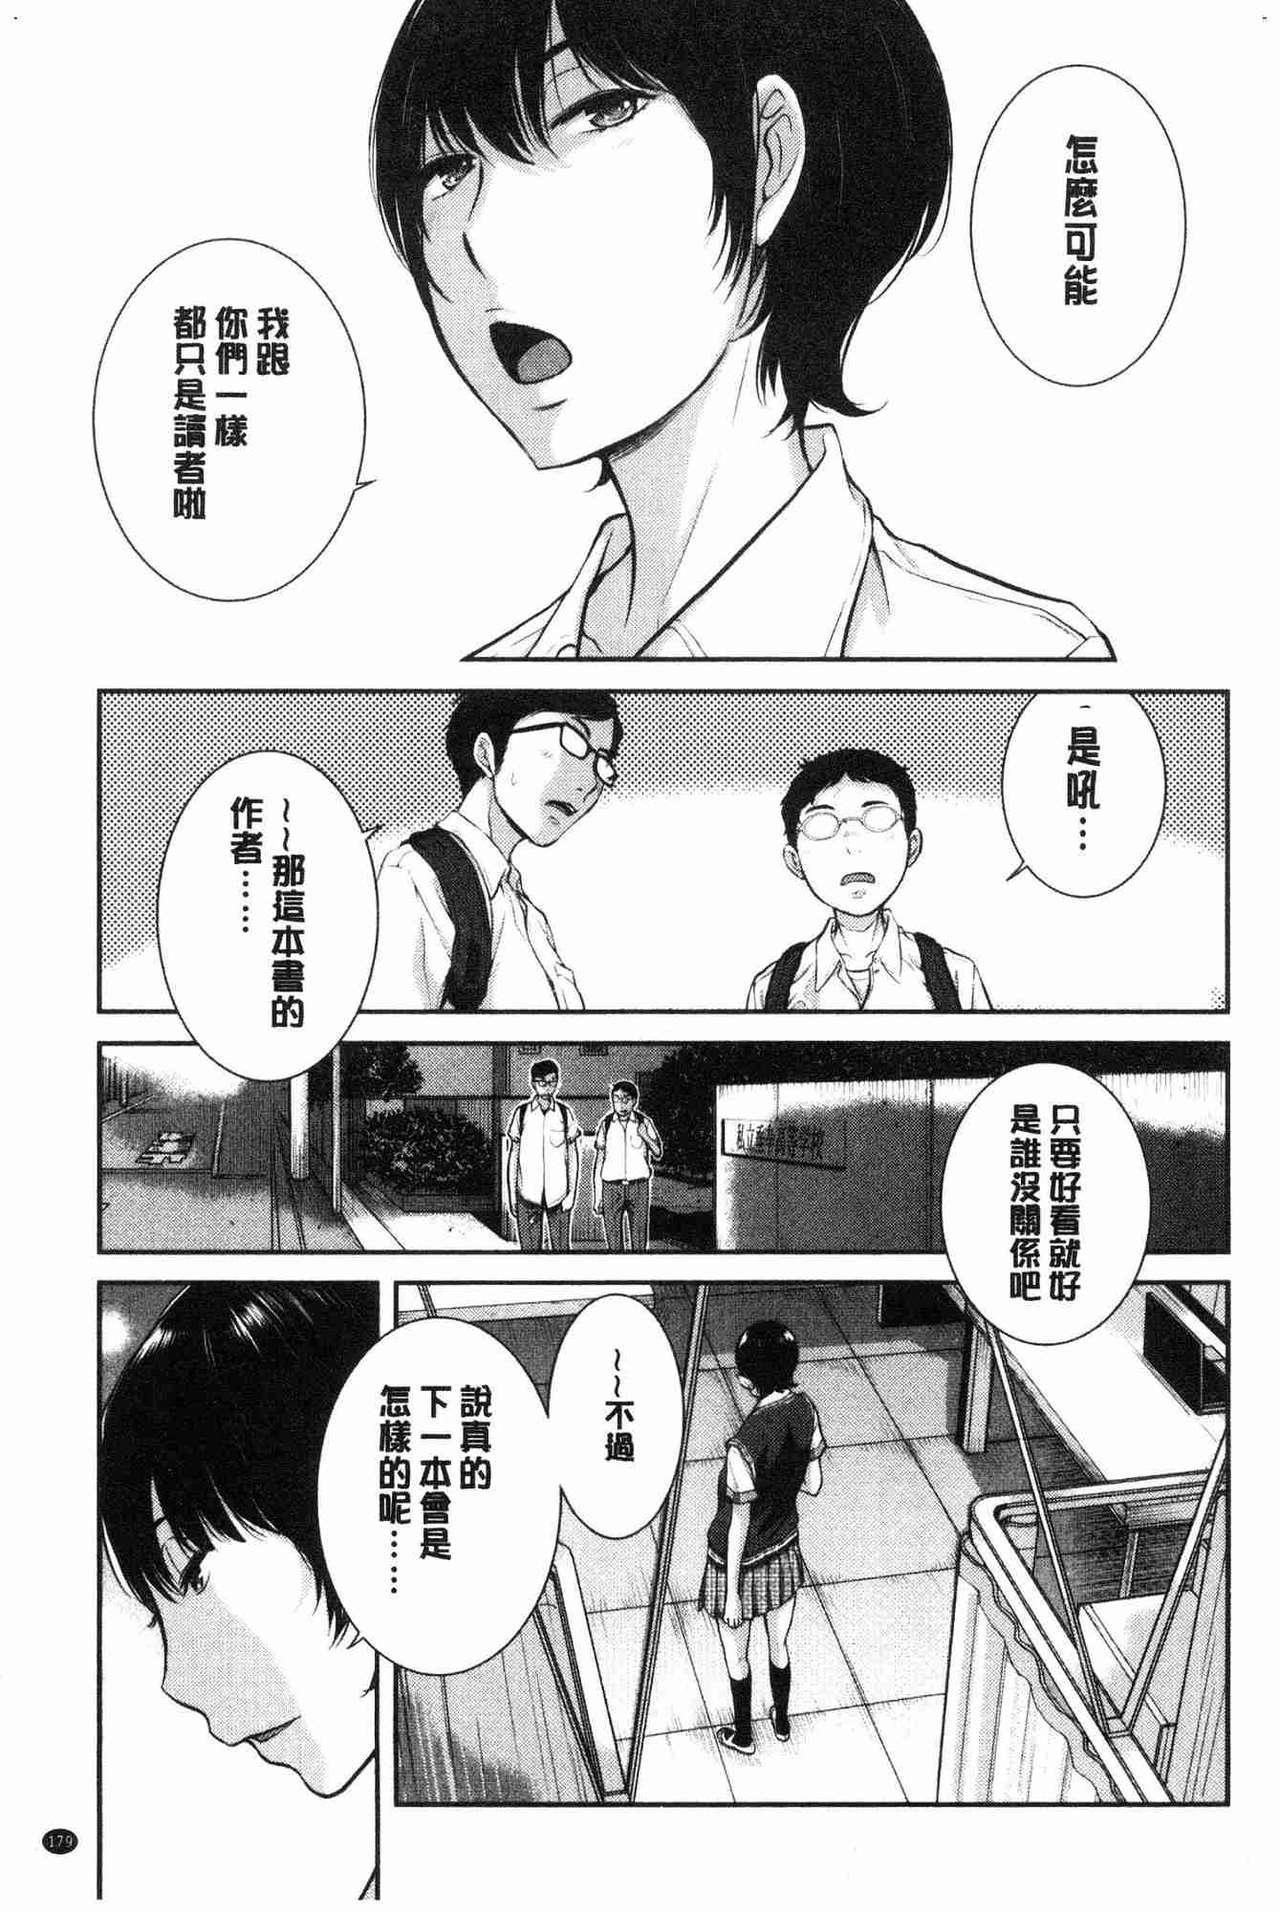 [Harazaki Takuma] Seifuku Shijou Shugi -Natsu- - Uniforms supremacy [Chinese] 179